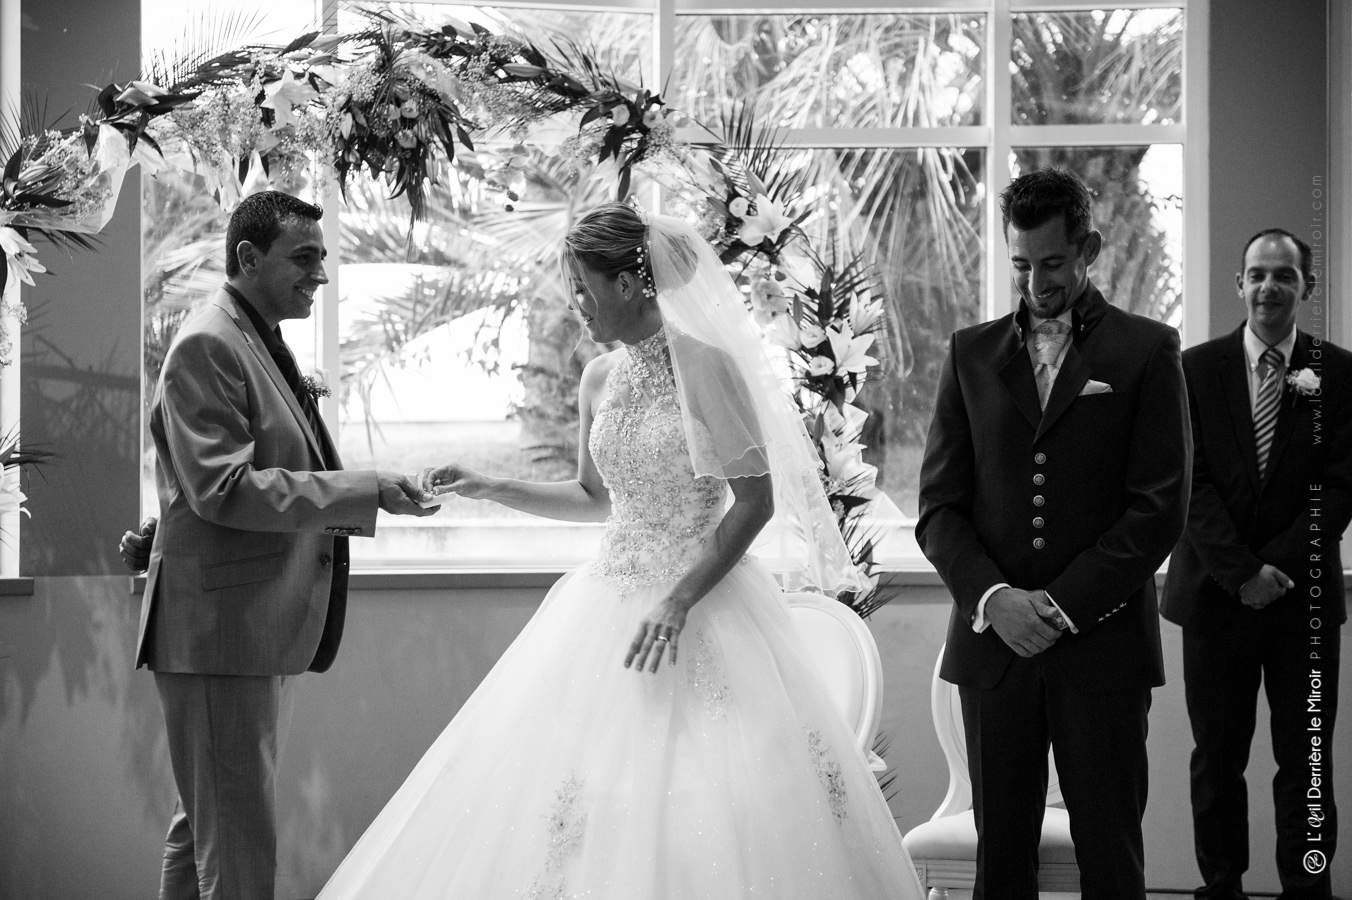 Photographe-mariage-monaco-loeilderrierelemiroir-055